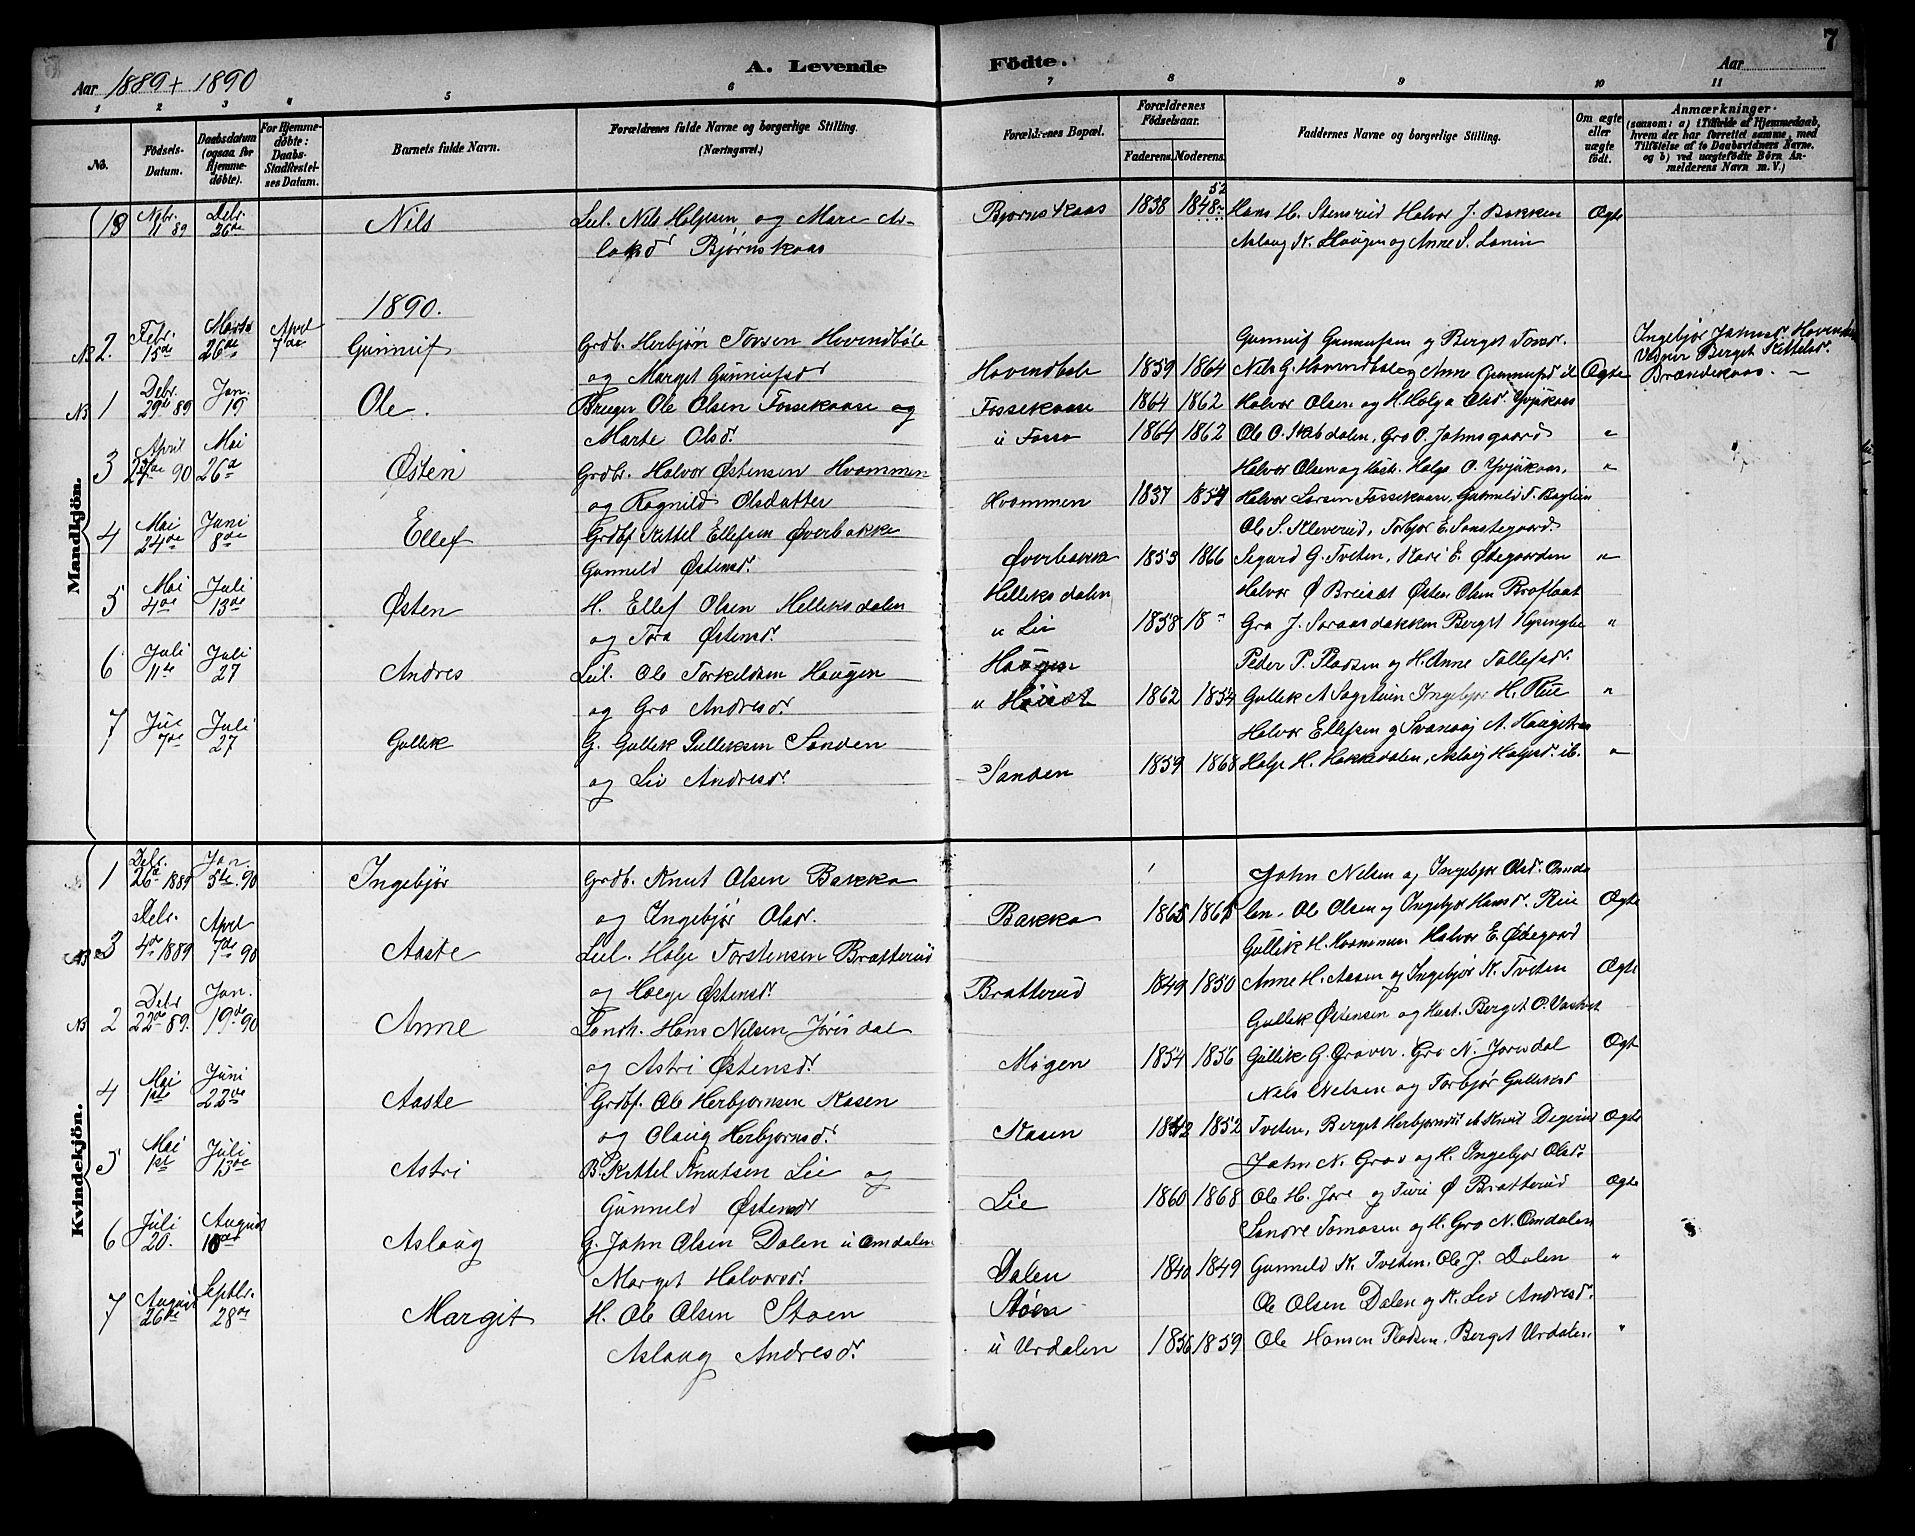 SAKO, Gransherad kirkebøker, G/Gb/L0003: Klokkerbok nr. II 3, 1887-1921, s. 7